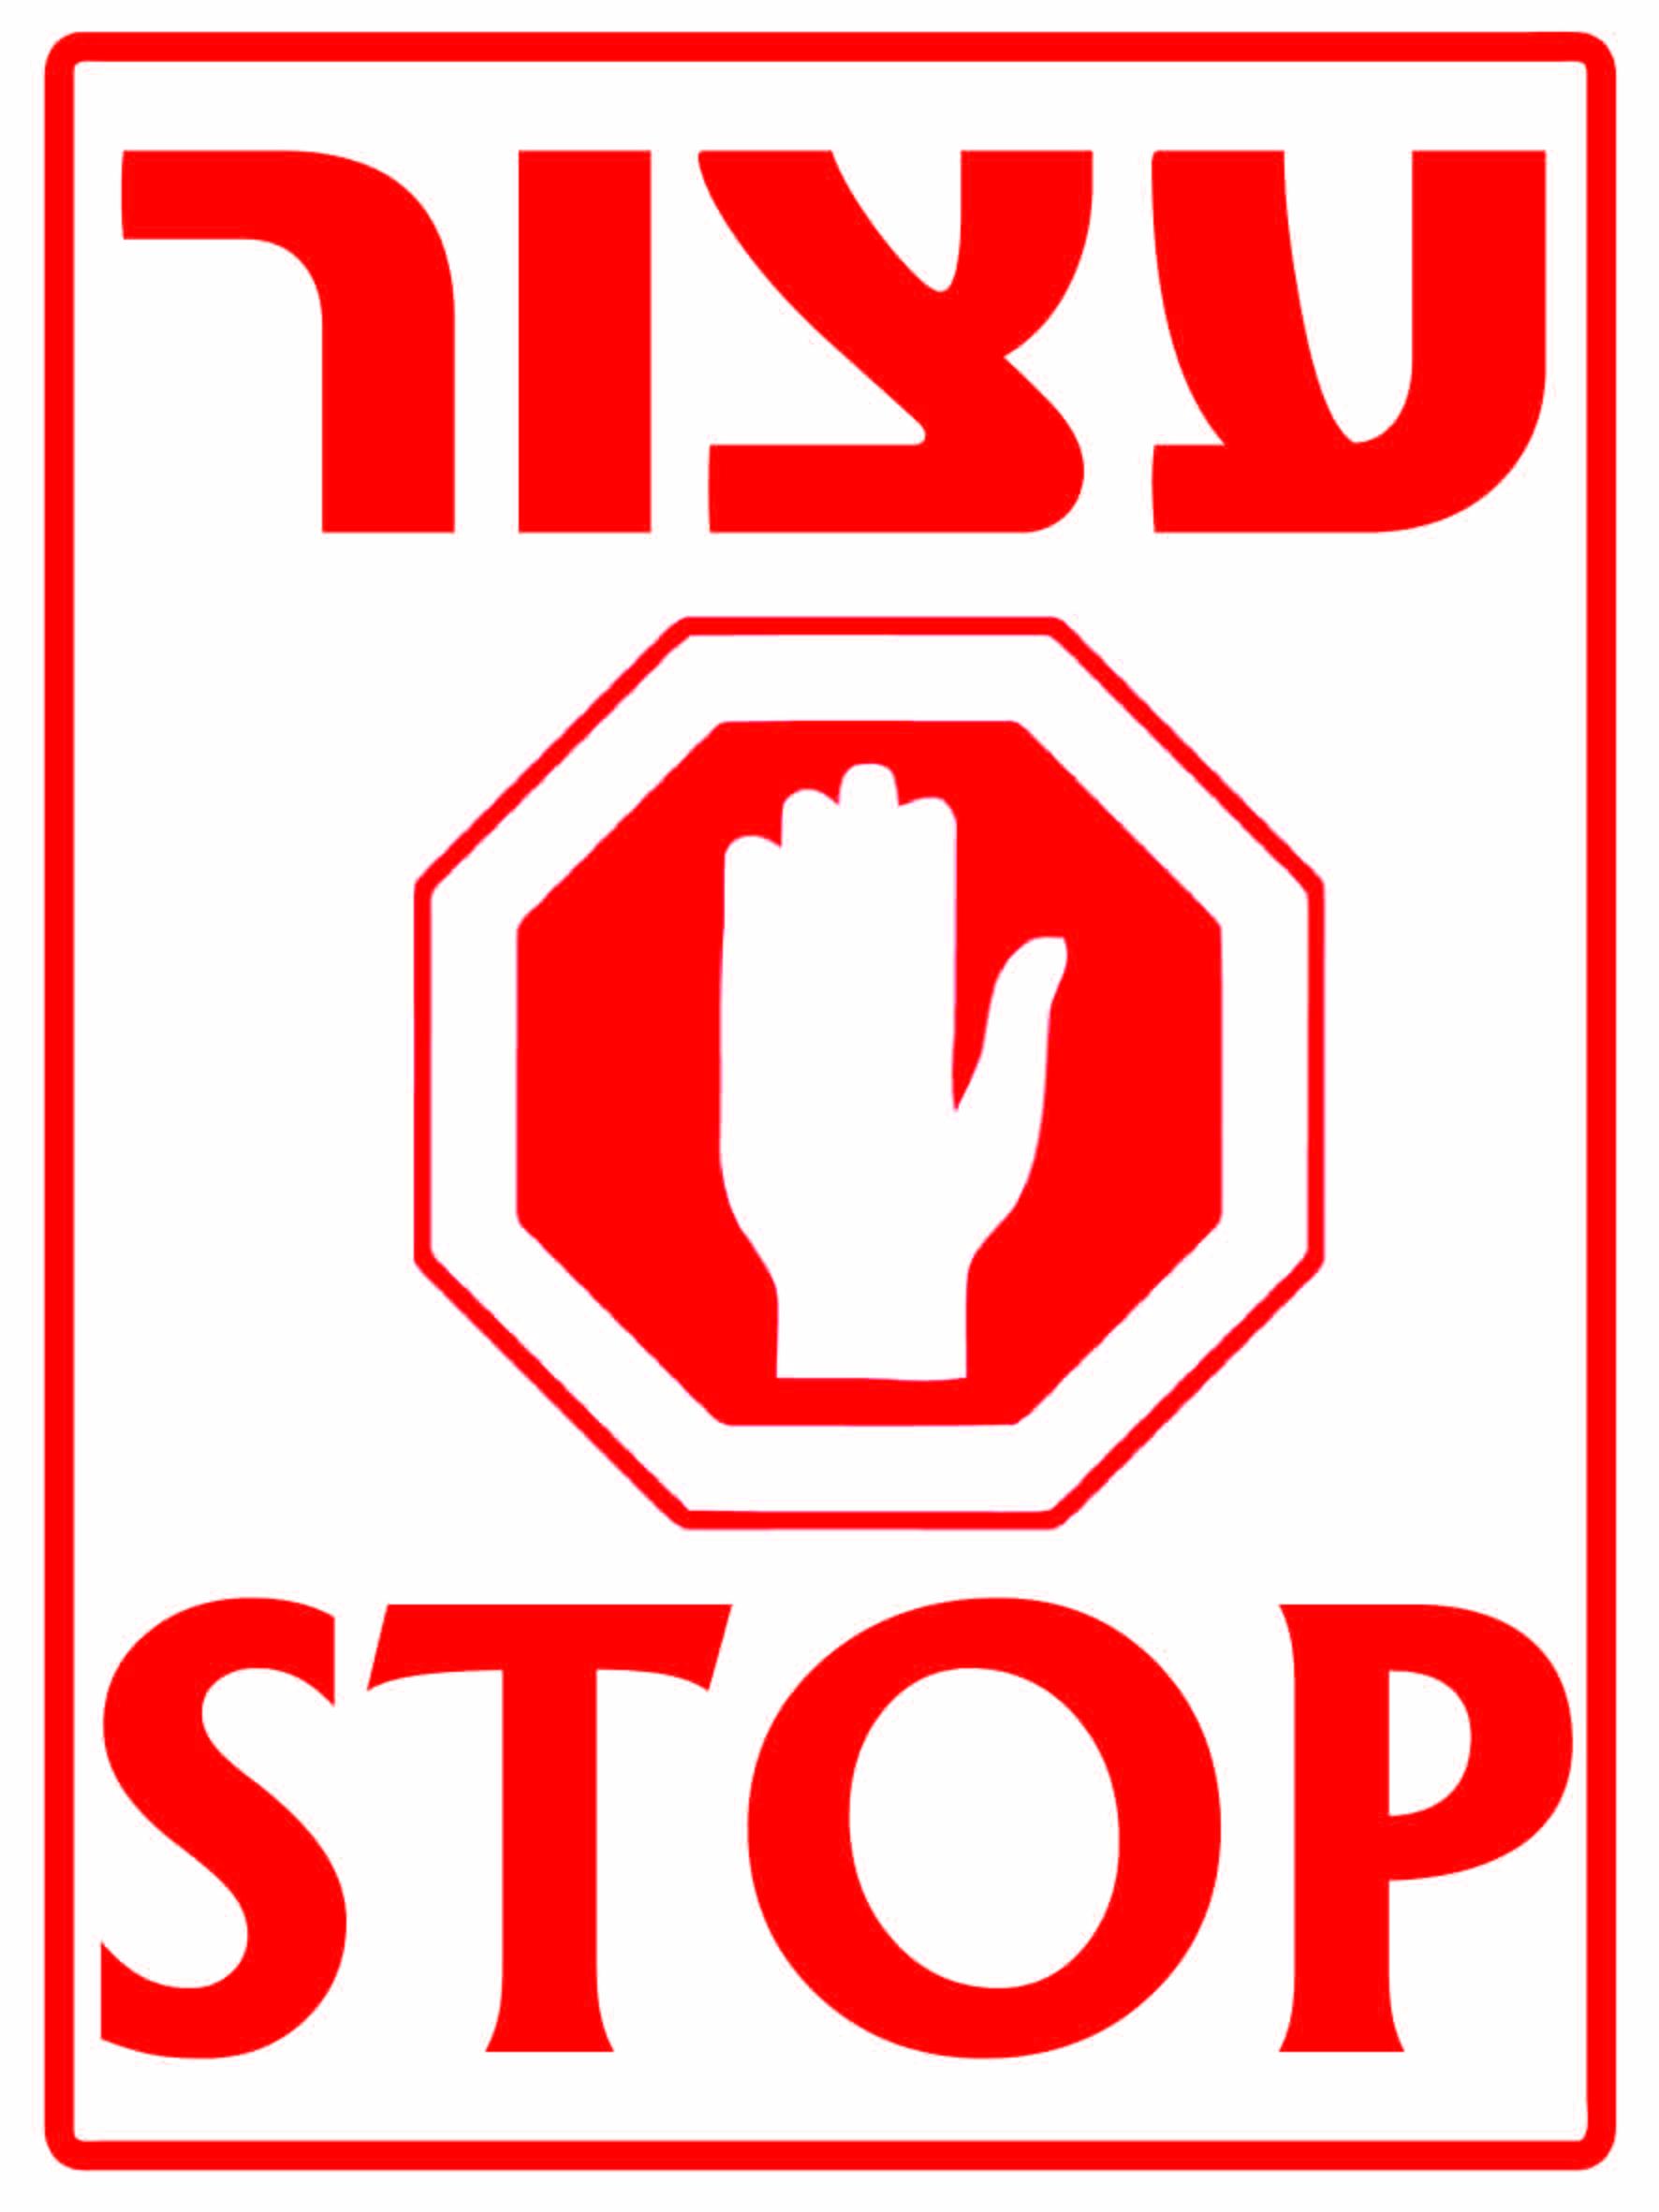 עצור STOP גדלים לפי דרישה